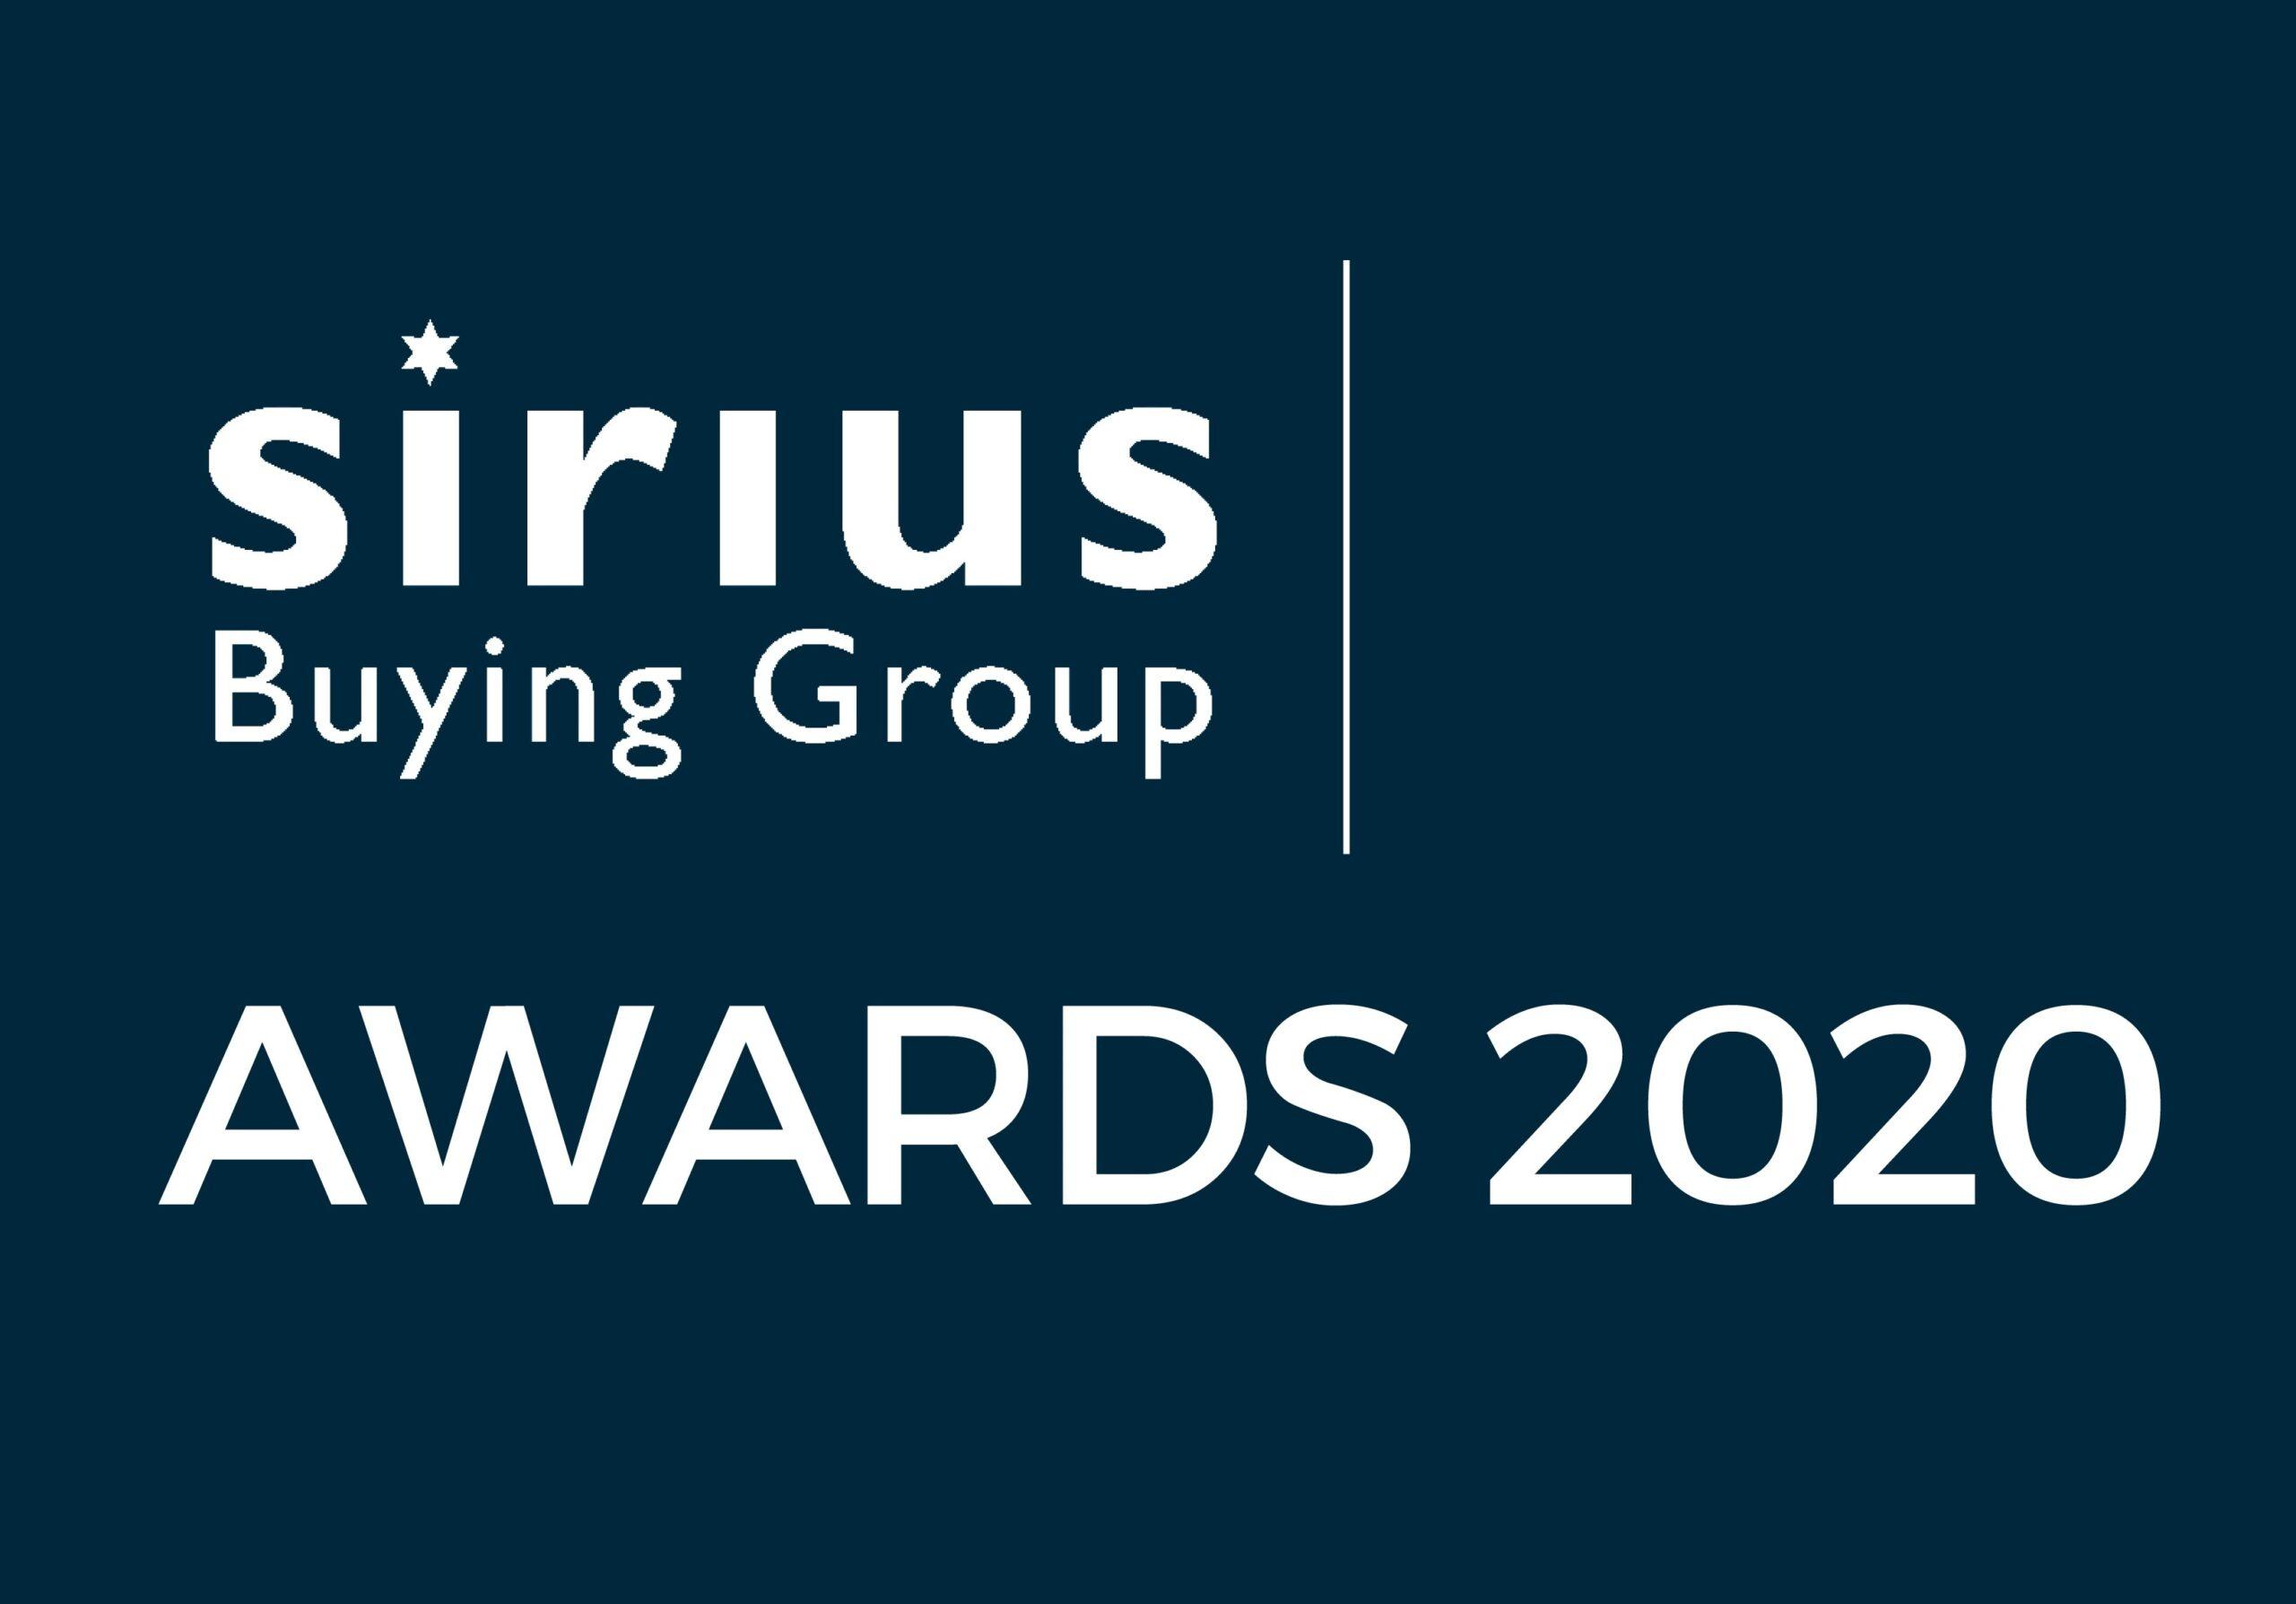 _Sirius Buying Group Awards 2020_logo edited